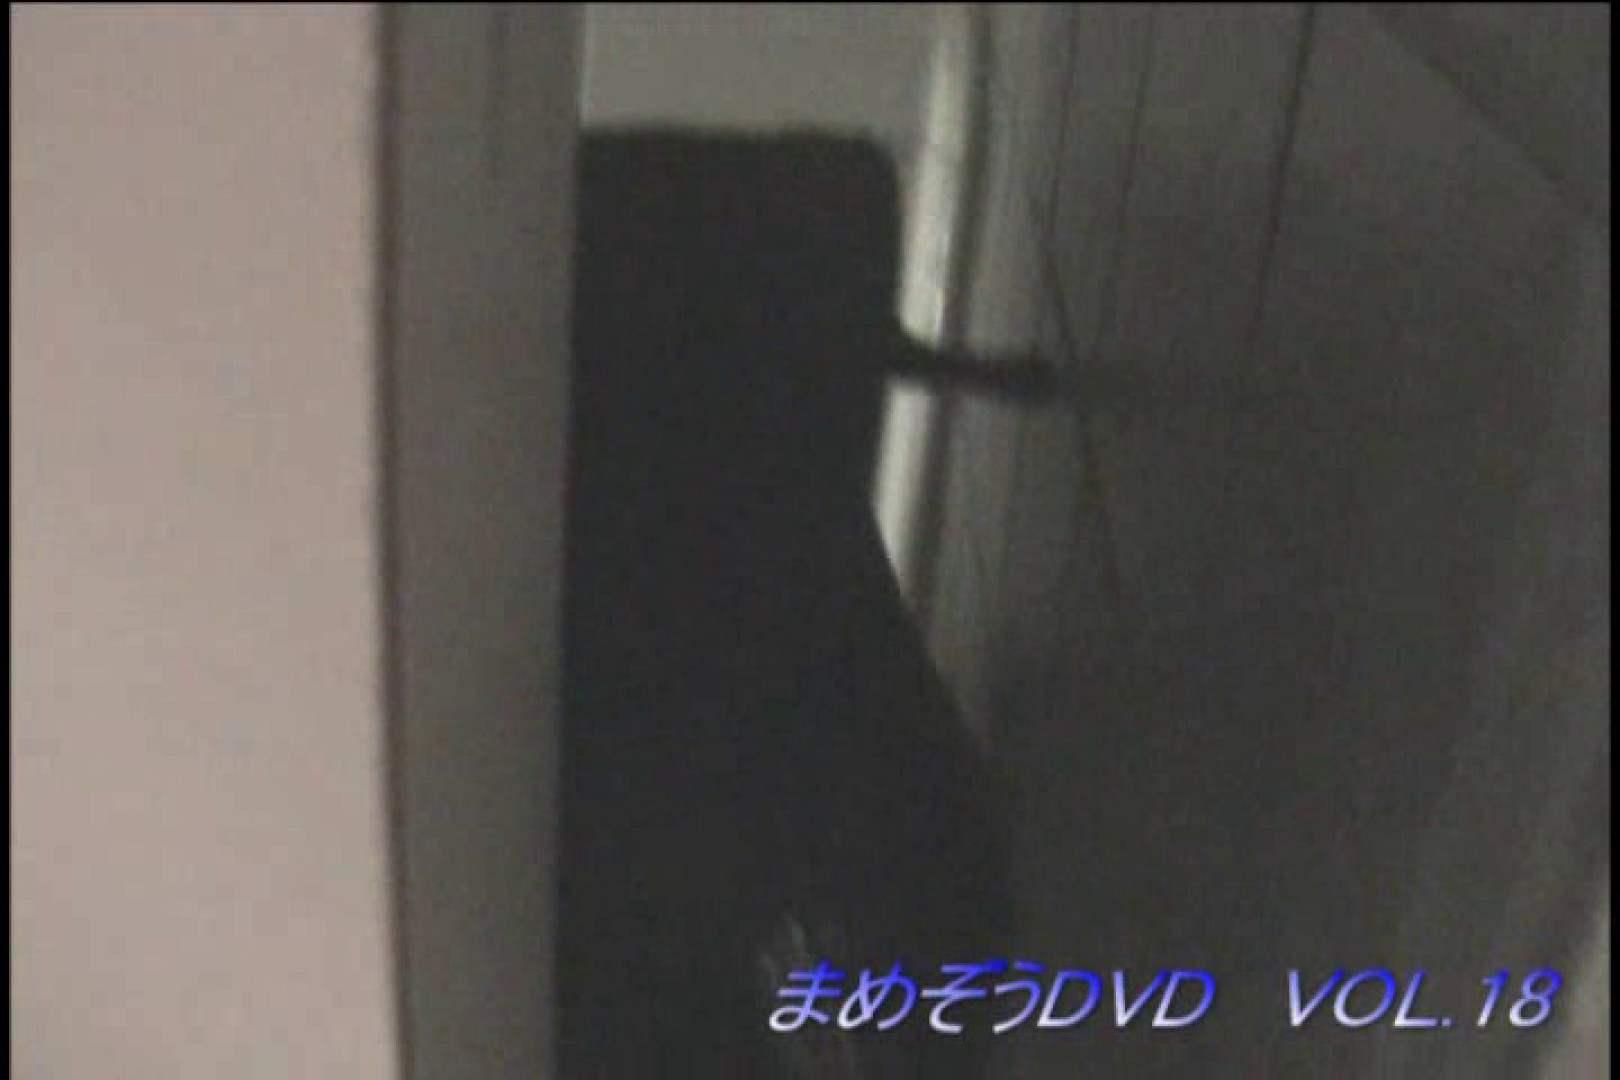 オマンコ丸見え:まめぞうDVD完全版VOL.18:怪盗ジョーカー